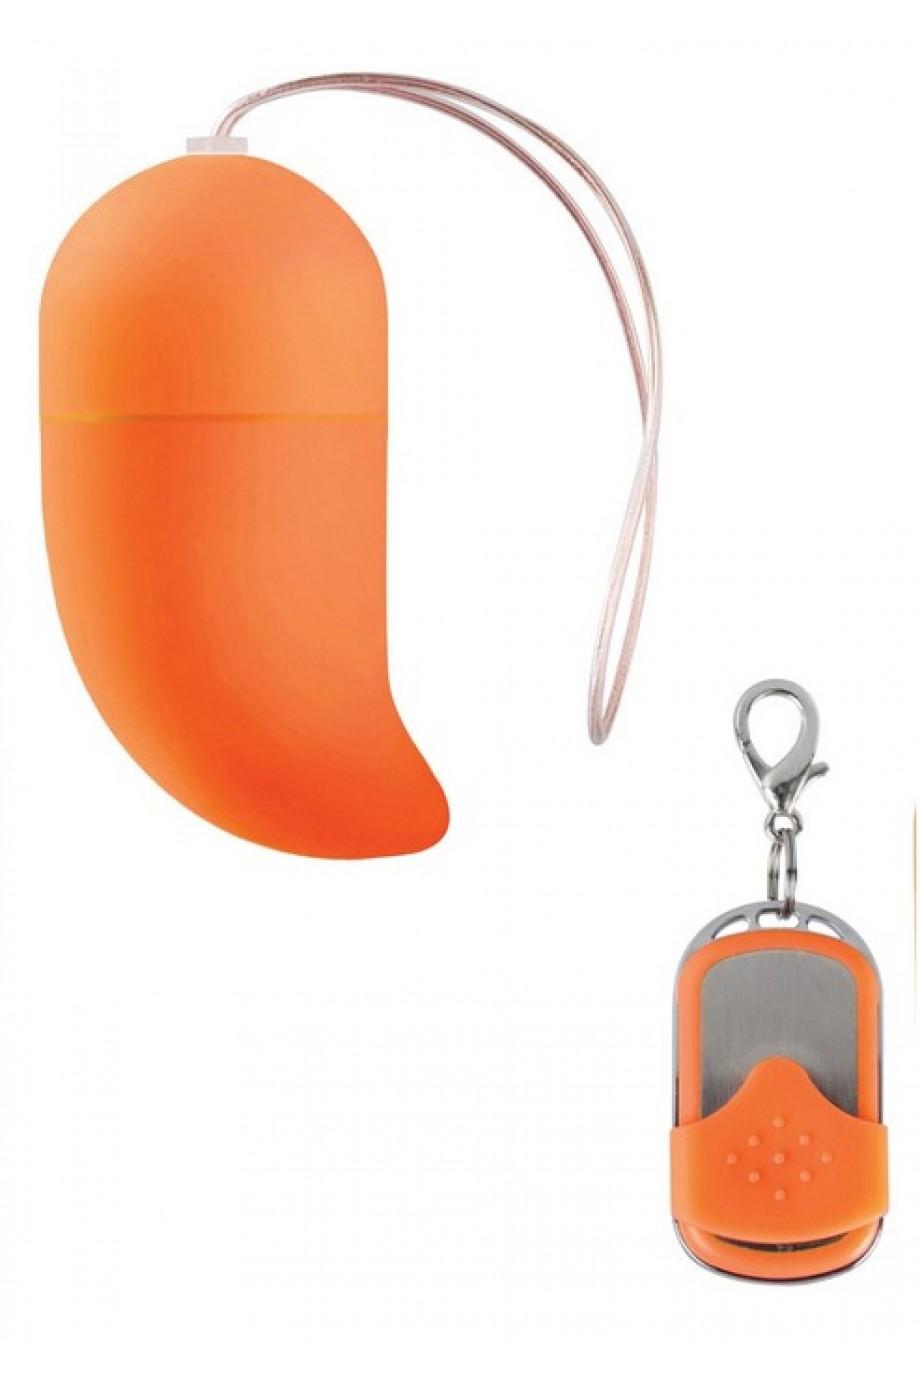 Виброяйцо Vibrating G-spot Egg medium оранжевое с пультом ДУ